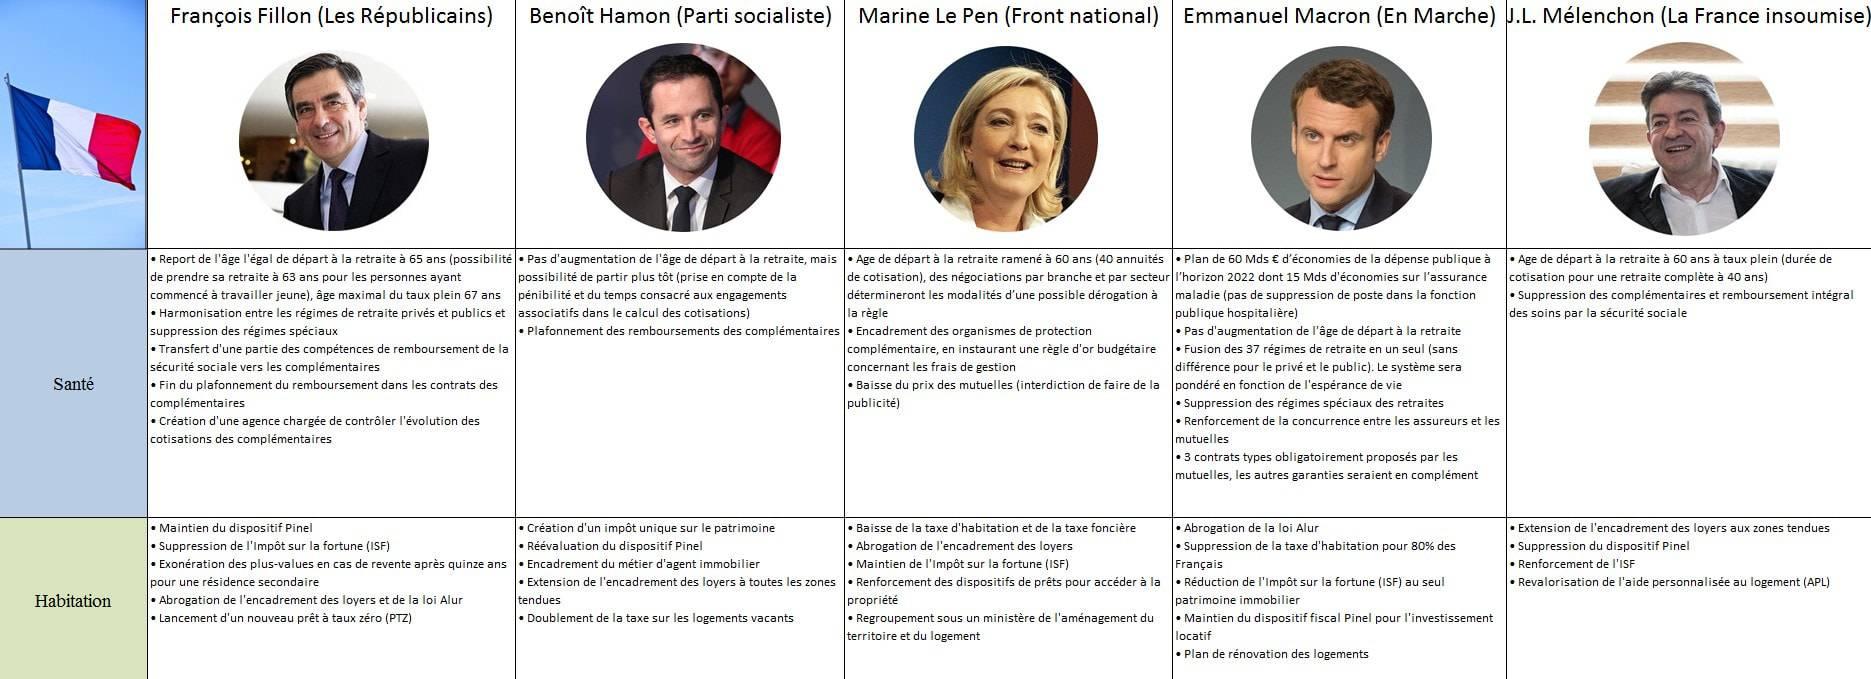 Quels programmes ont les cinq principaux candidats à l'élection présidentielle ?